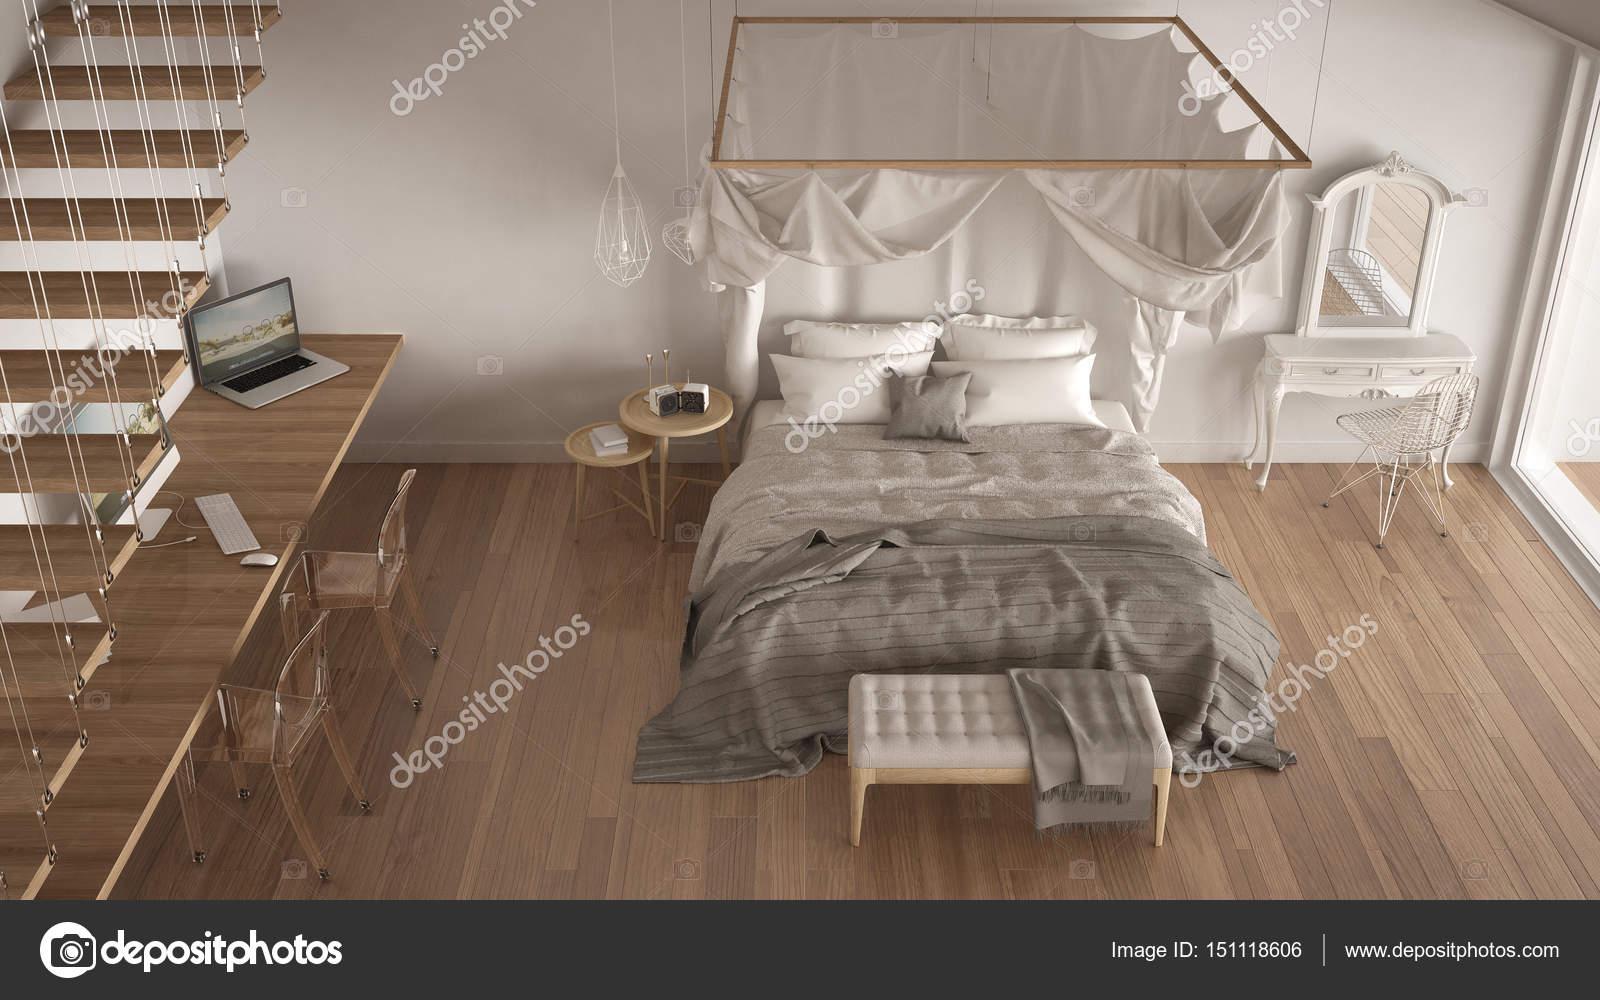 Hemelbed In Slaapkamer : ≥ houten hemelbed handgemaakt slaapkamer bedden marktplaats